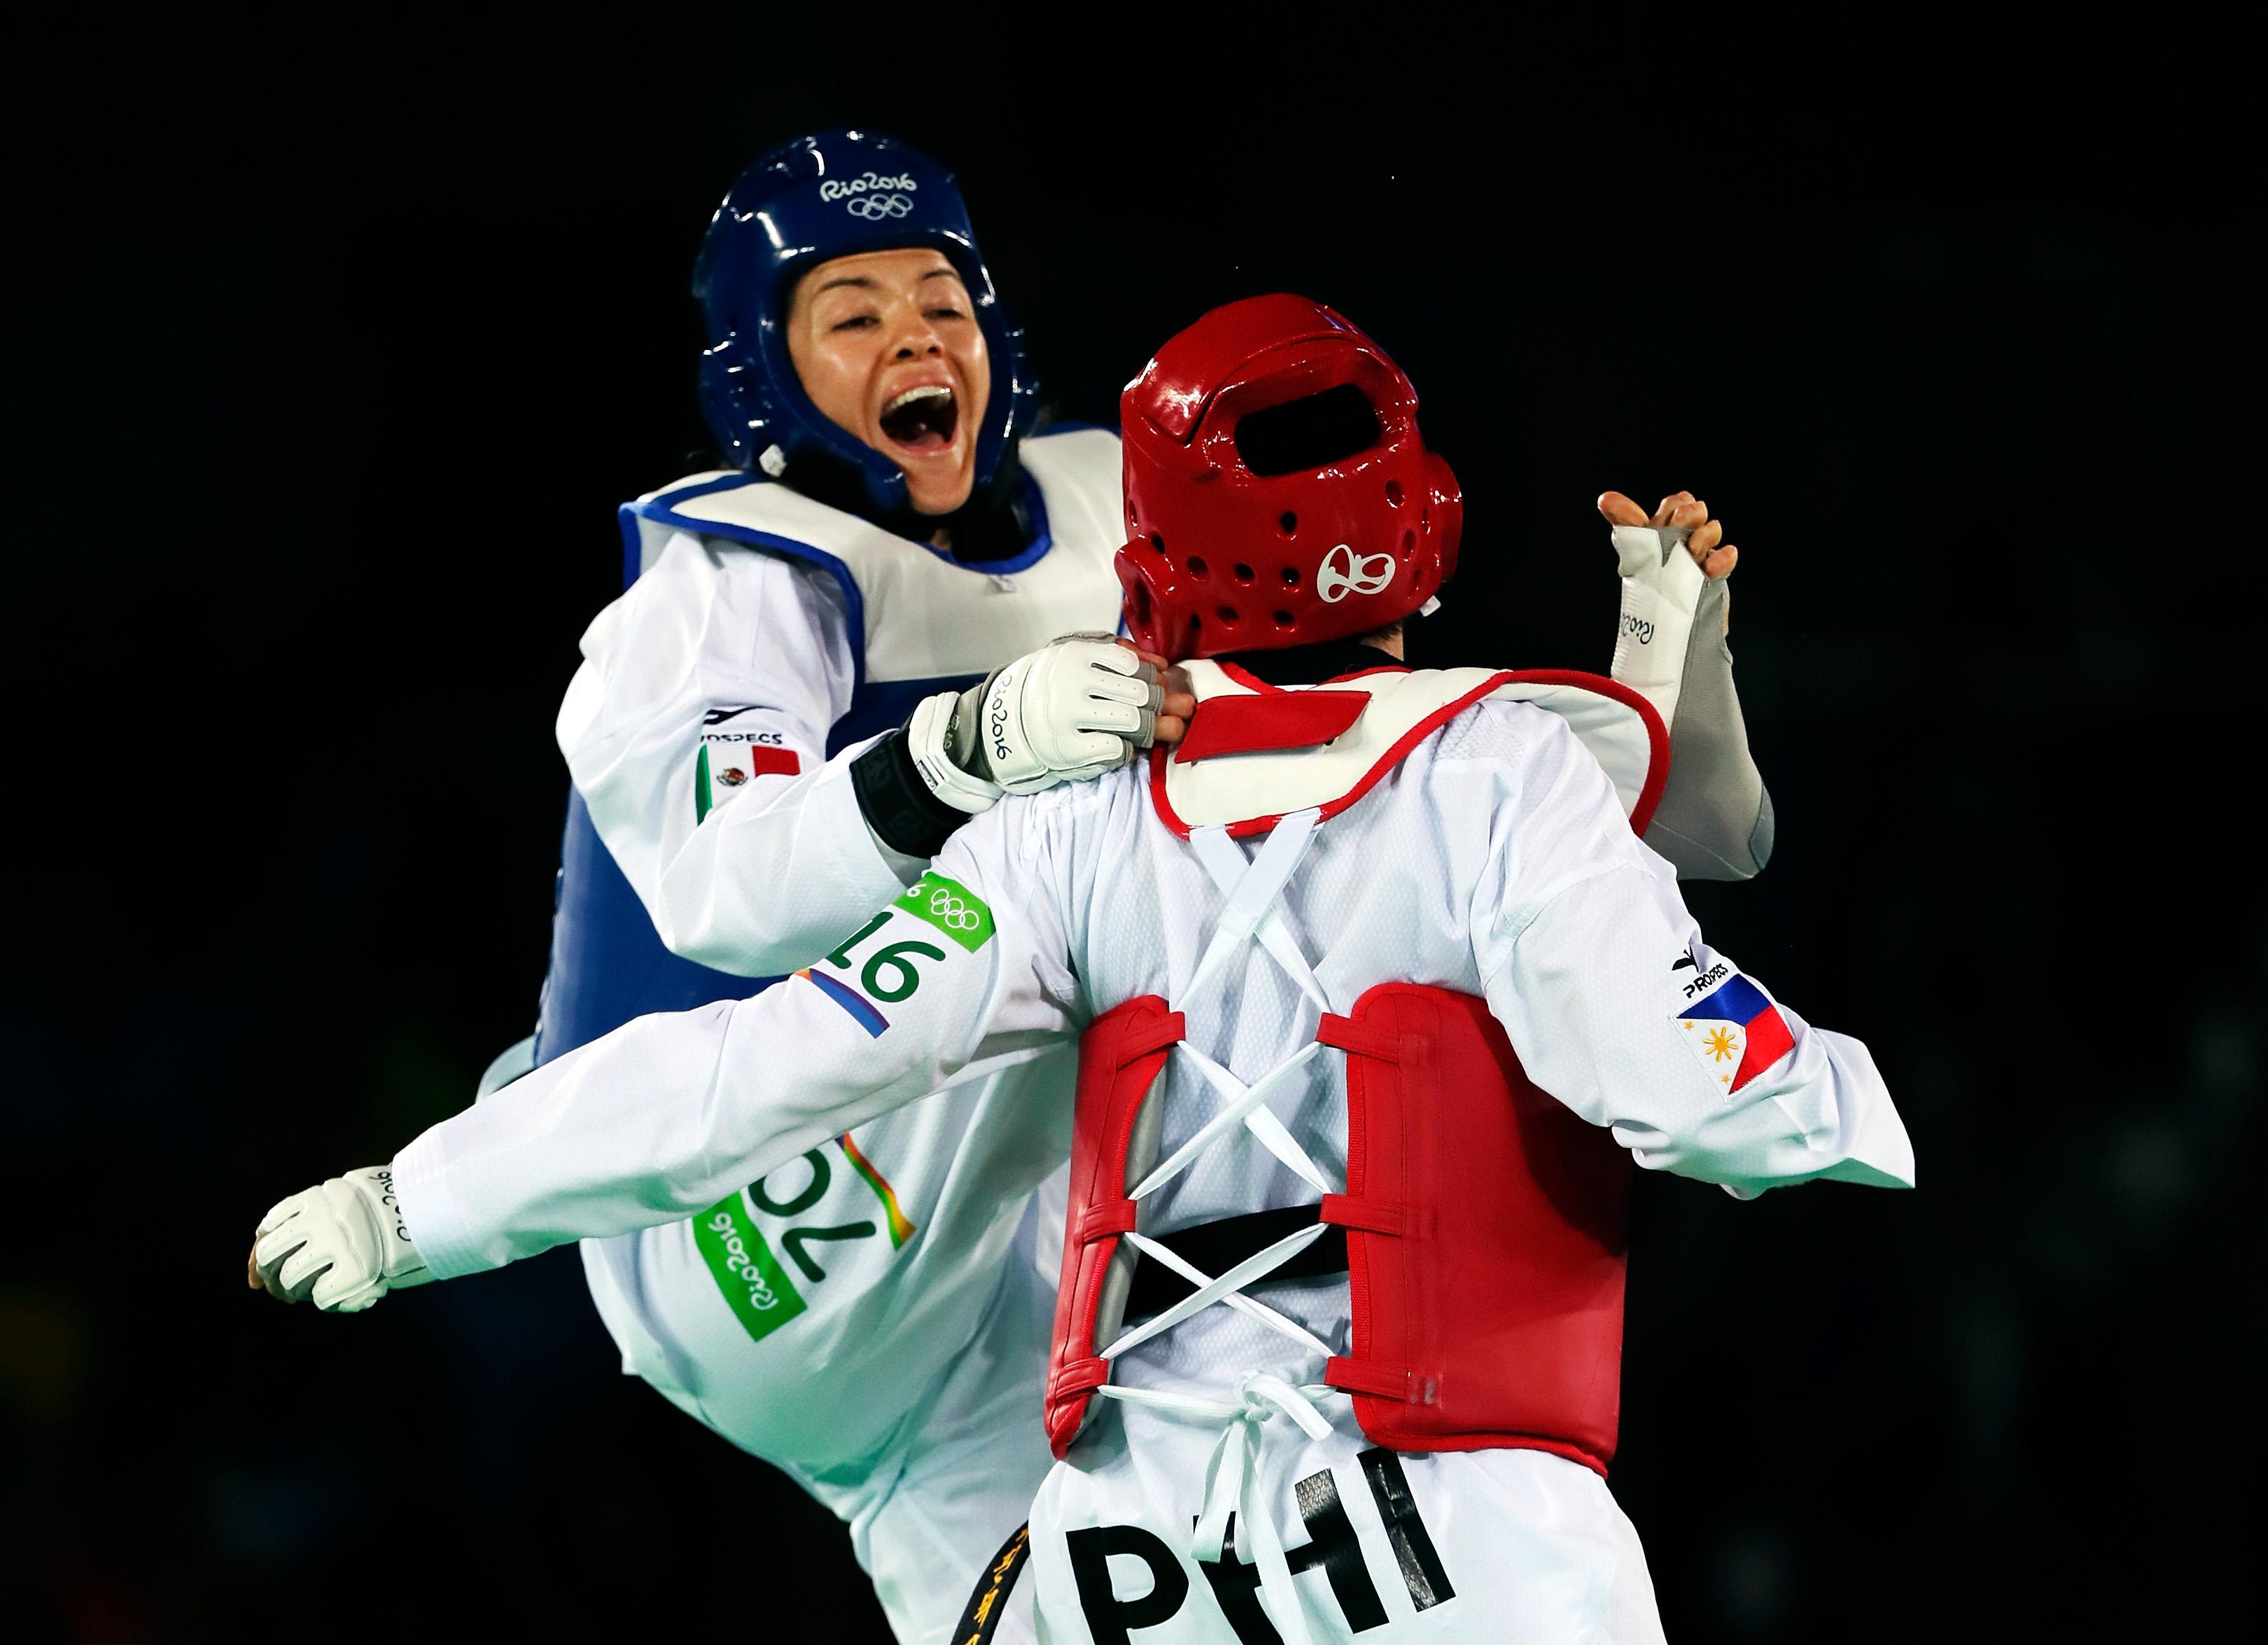 Maria del Rosario Espinoza, Atleta, Taewkwondo, Olímpicos, Medallista, Campeona